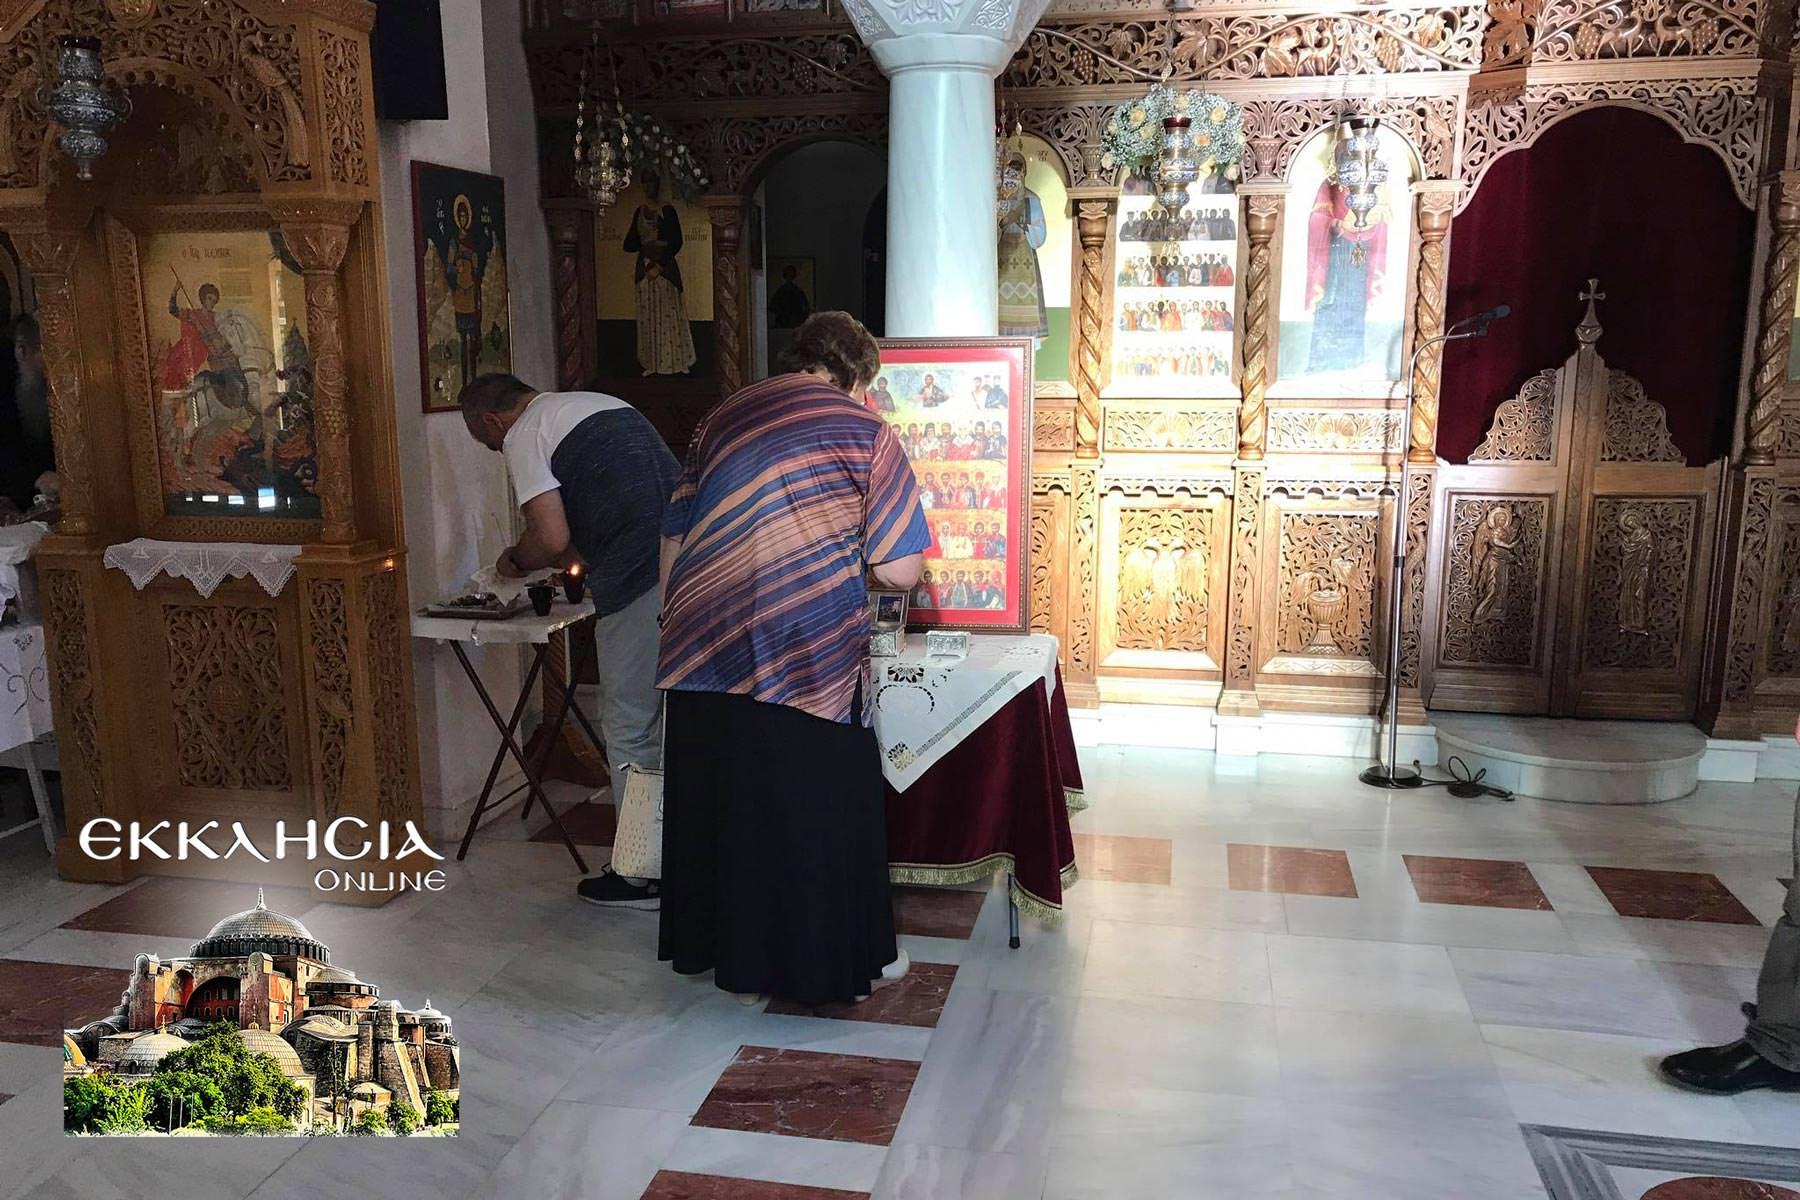 Ιερός Ναός Αγίου Κοσμά Αιτωλού Μαρούσι